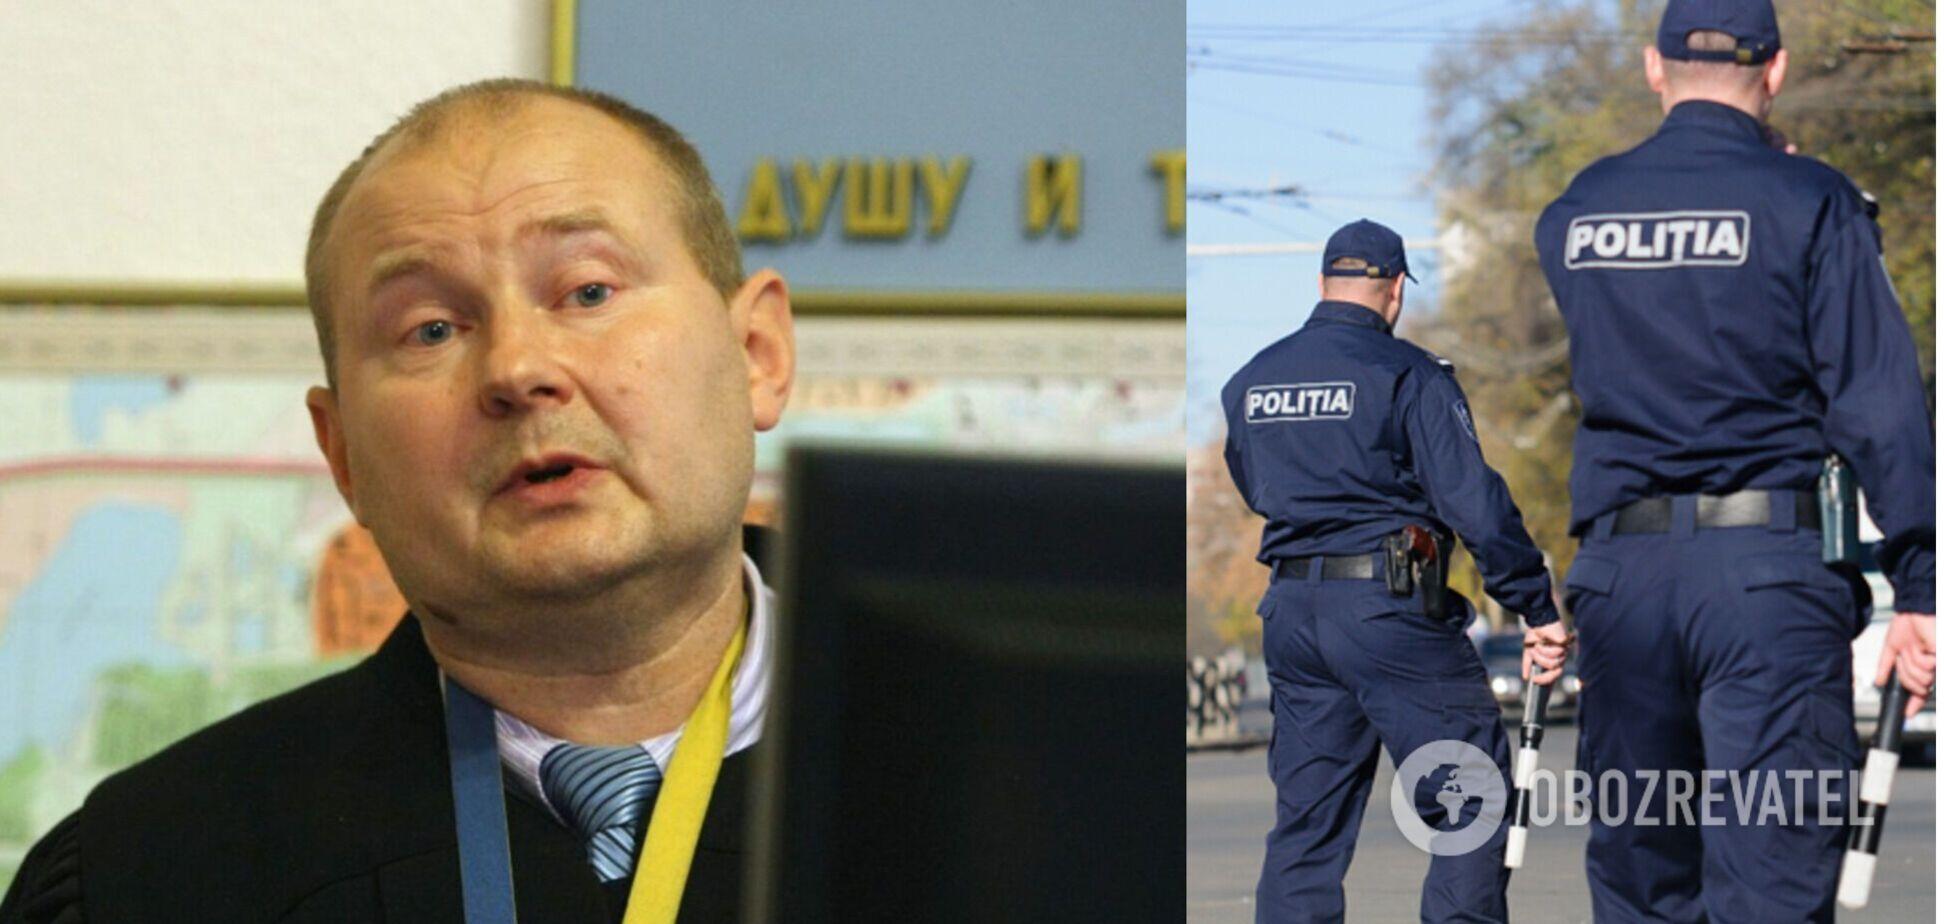 Похищение судьи Николая Чауса в Молдове